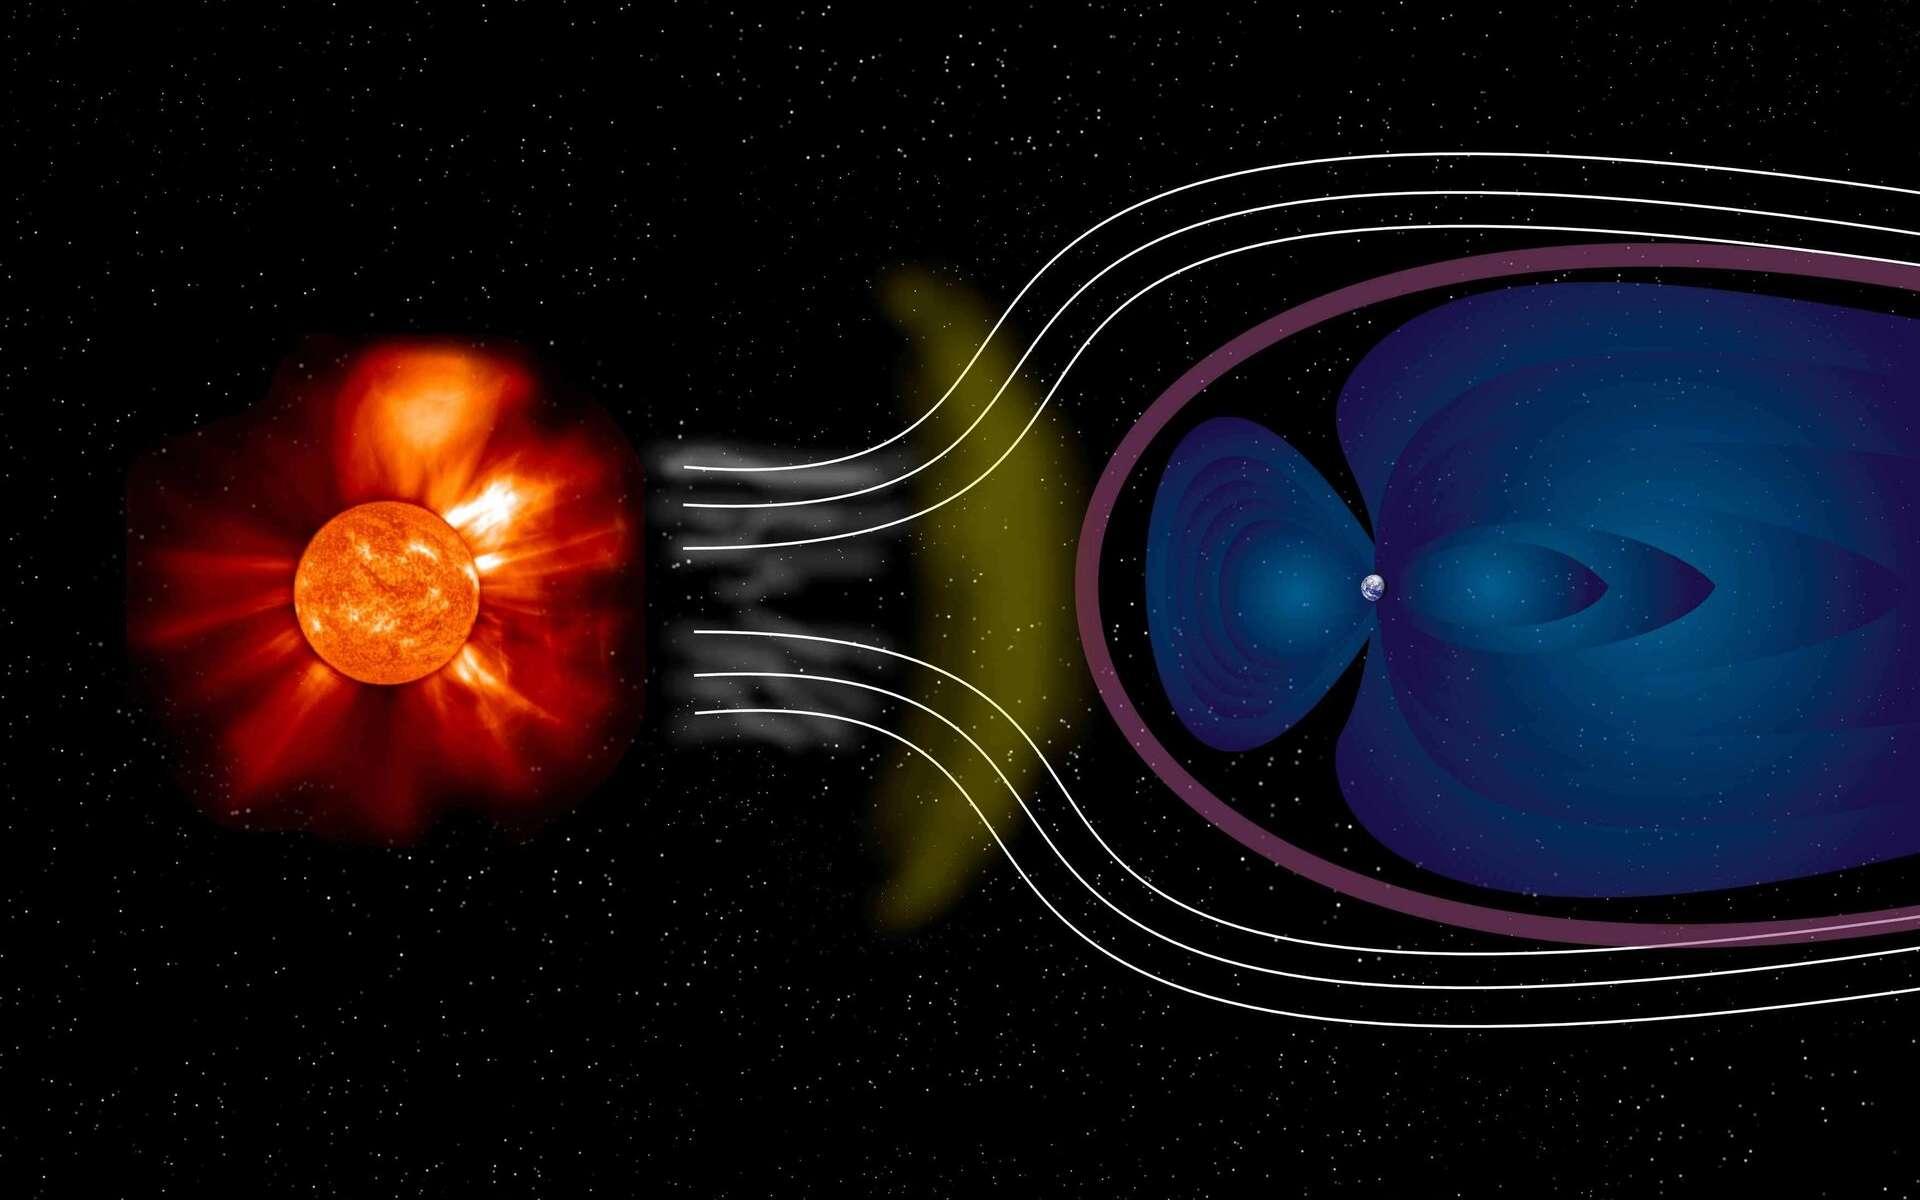 Une vue d'artiste du vent solaire comprimant les lignes de champs du bouclier magnétique de la Terre, protégeant son atmosphère de l'action d'érosion de ce champ. © Esa